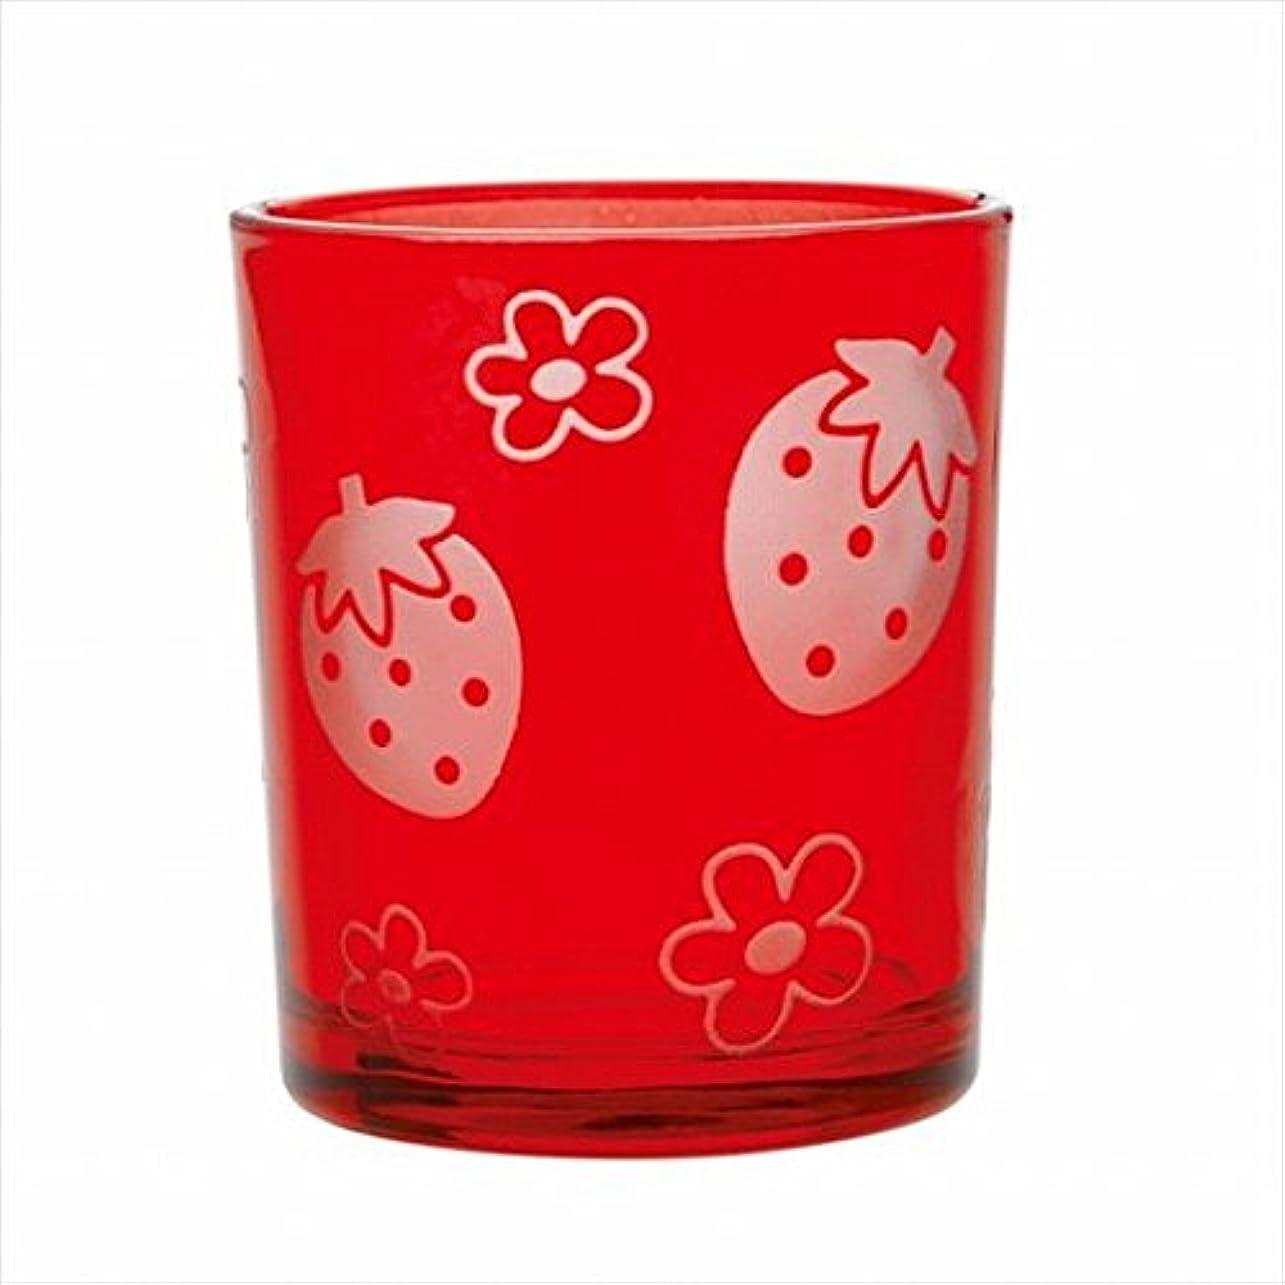 丘好きである改革スイーツキャンドル(sweets candle) いちごフロストカップ 「 レッド 」